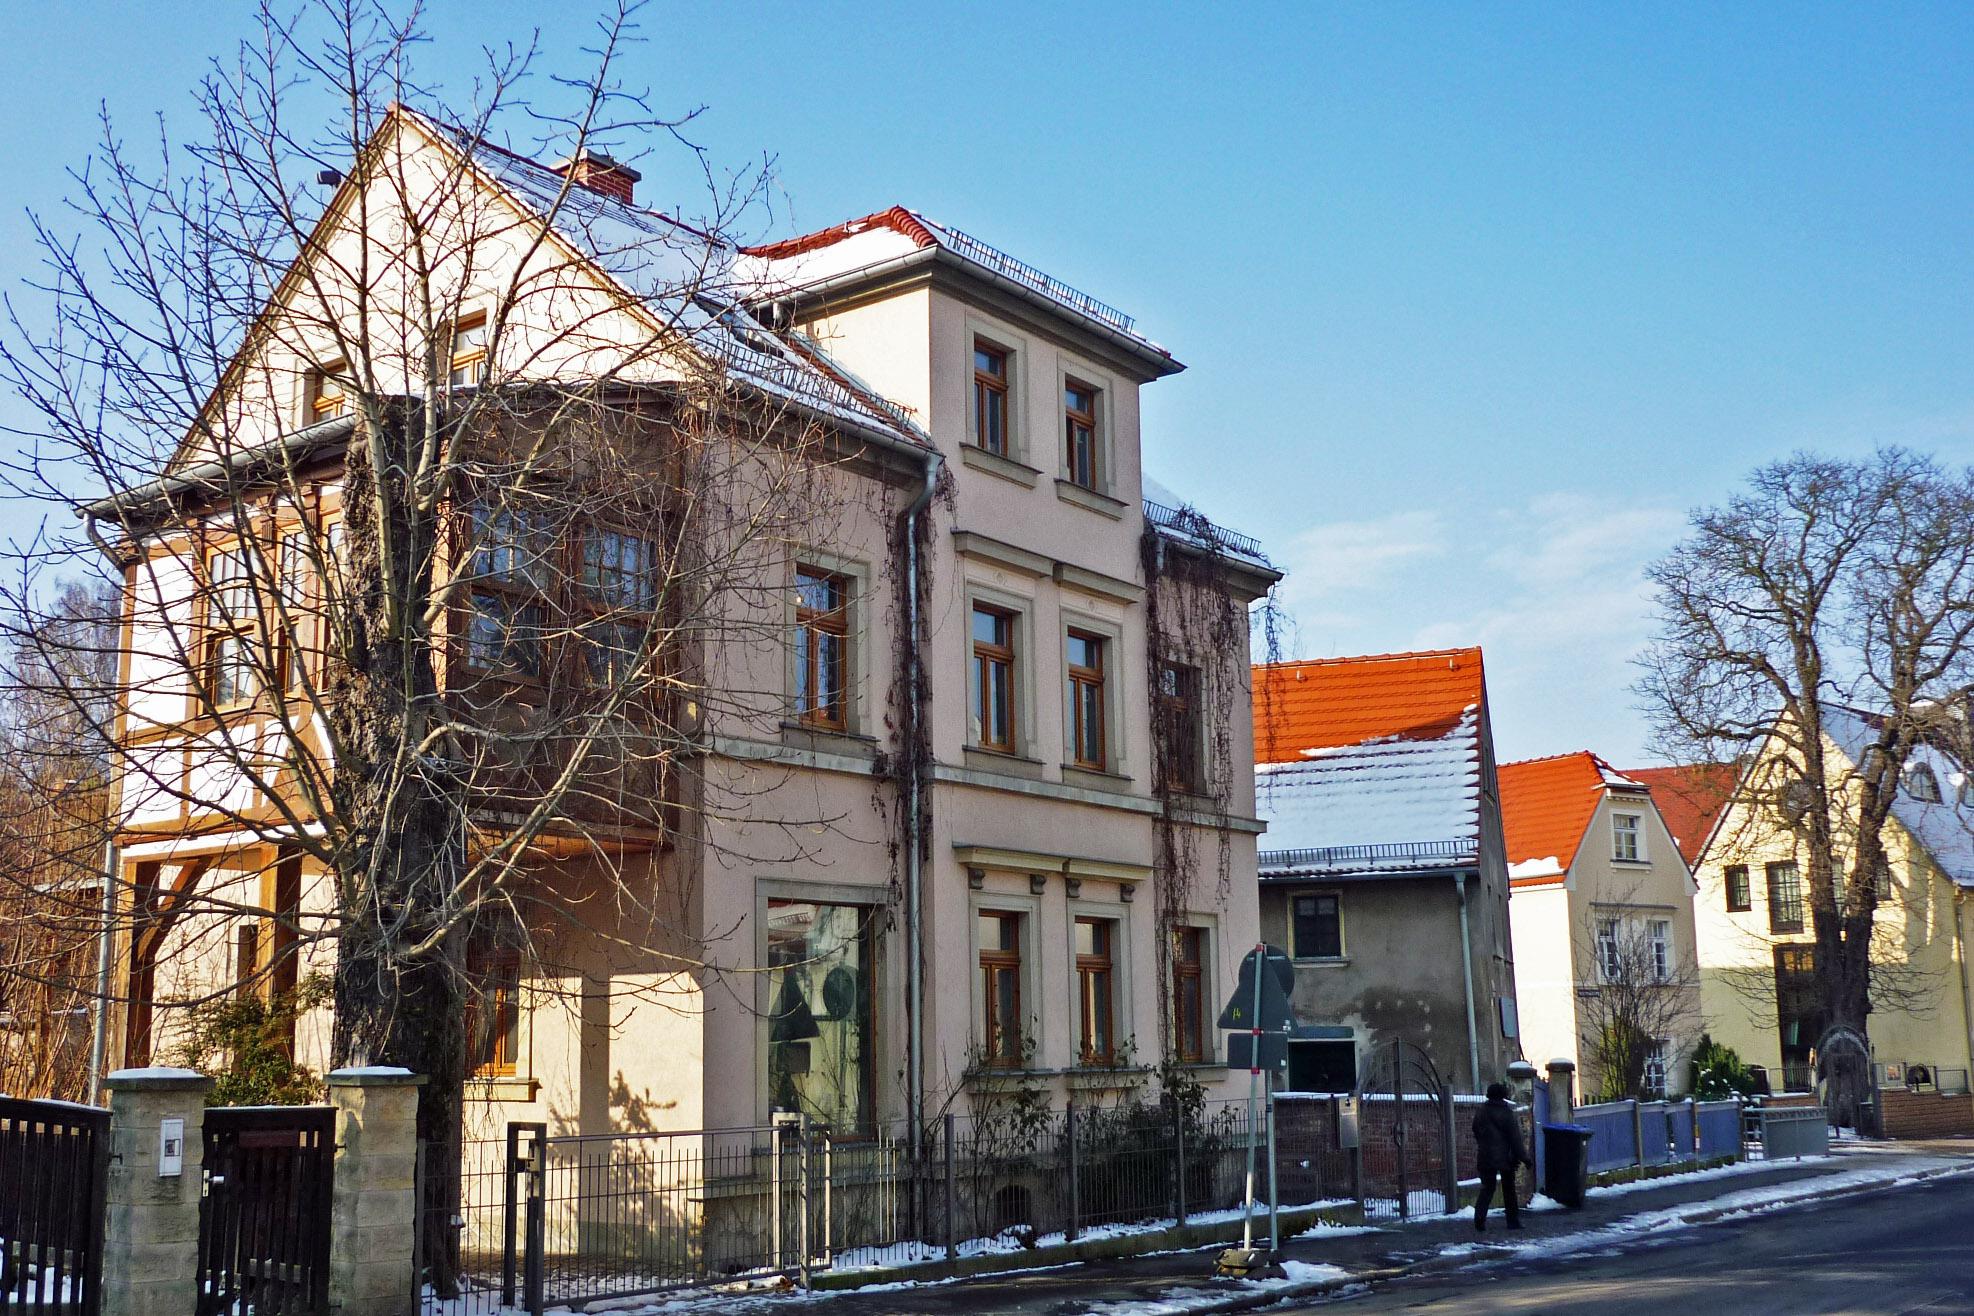 File:Karnemelksluis 17, Enkhuizen.jpg - Wikimedia Commons